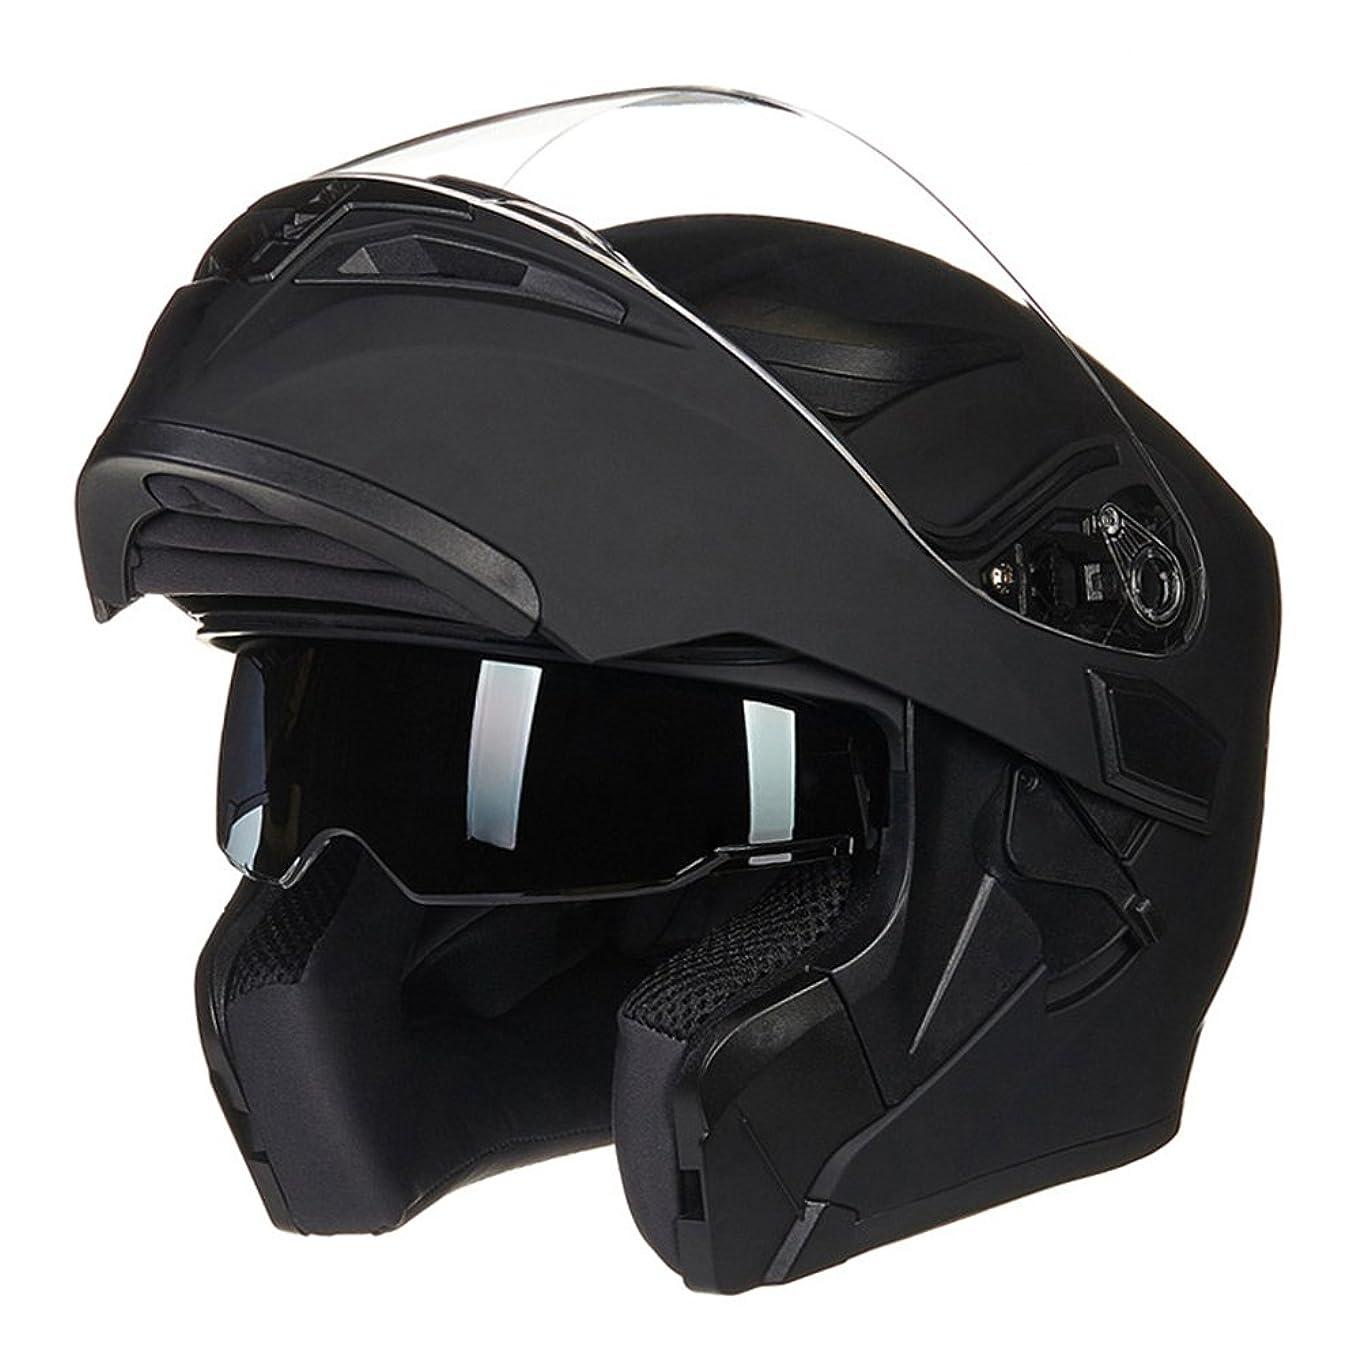 とげのある回転するステップX.N.S(希望)MOTO WOLF新色出荷多色可選 バイク ヘルメット フルフェイス ジェット ダブルシールド システム ヘルメット (L, ブラック(艶消し))